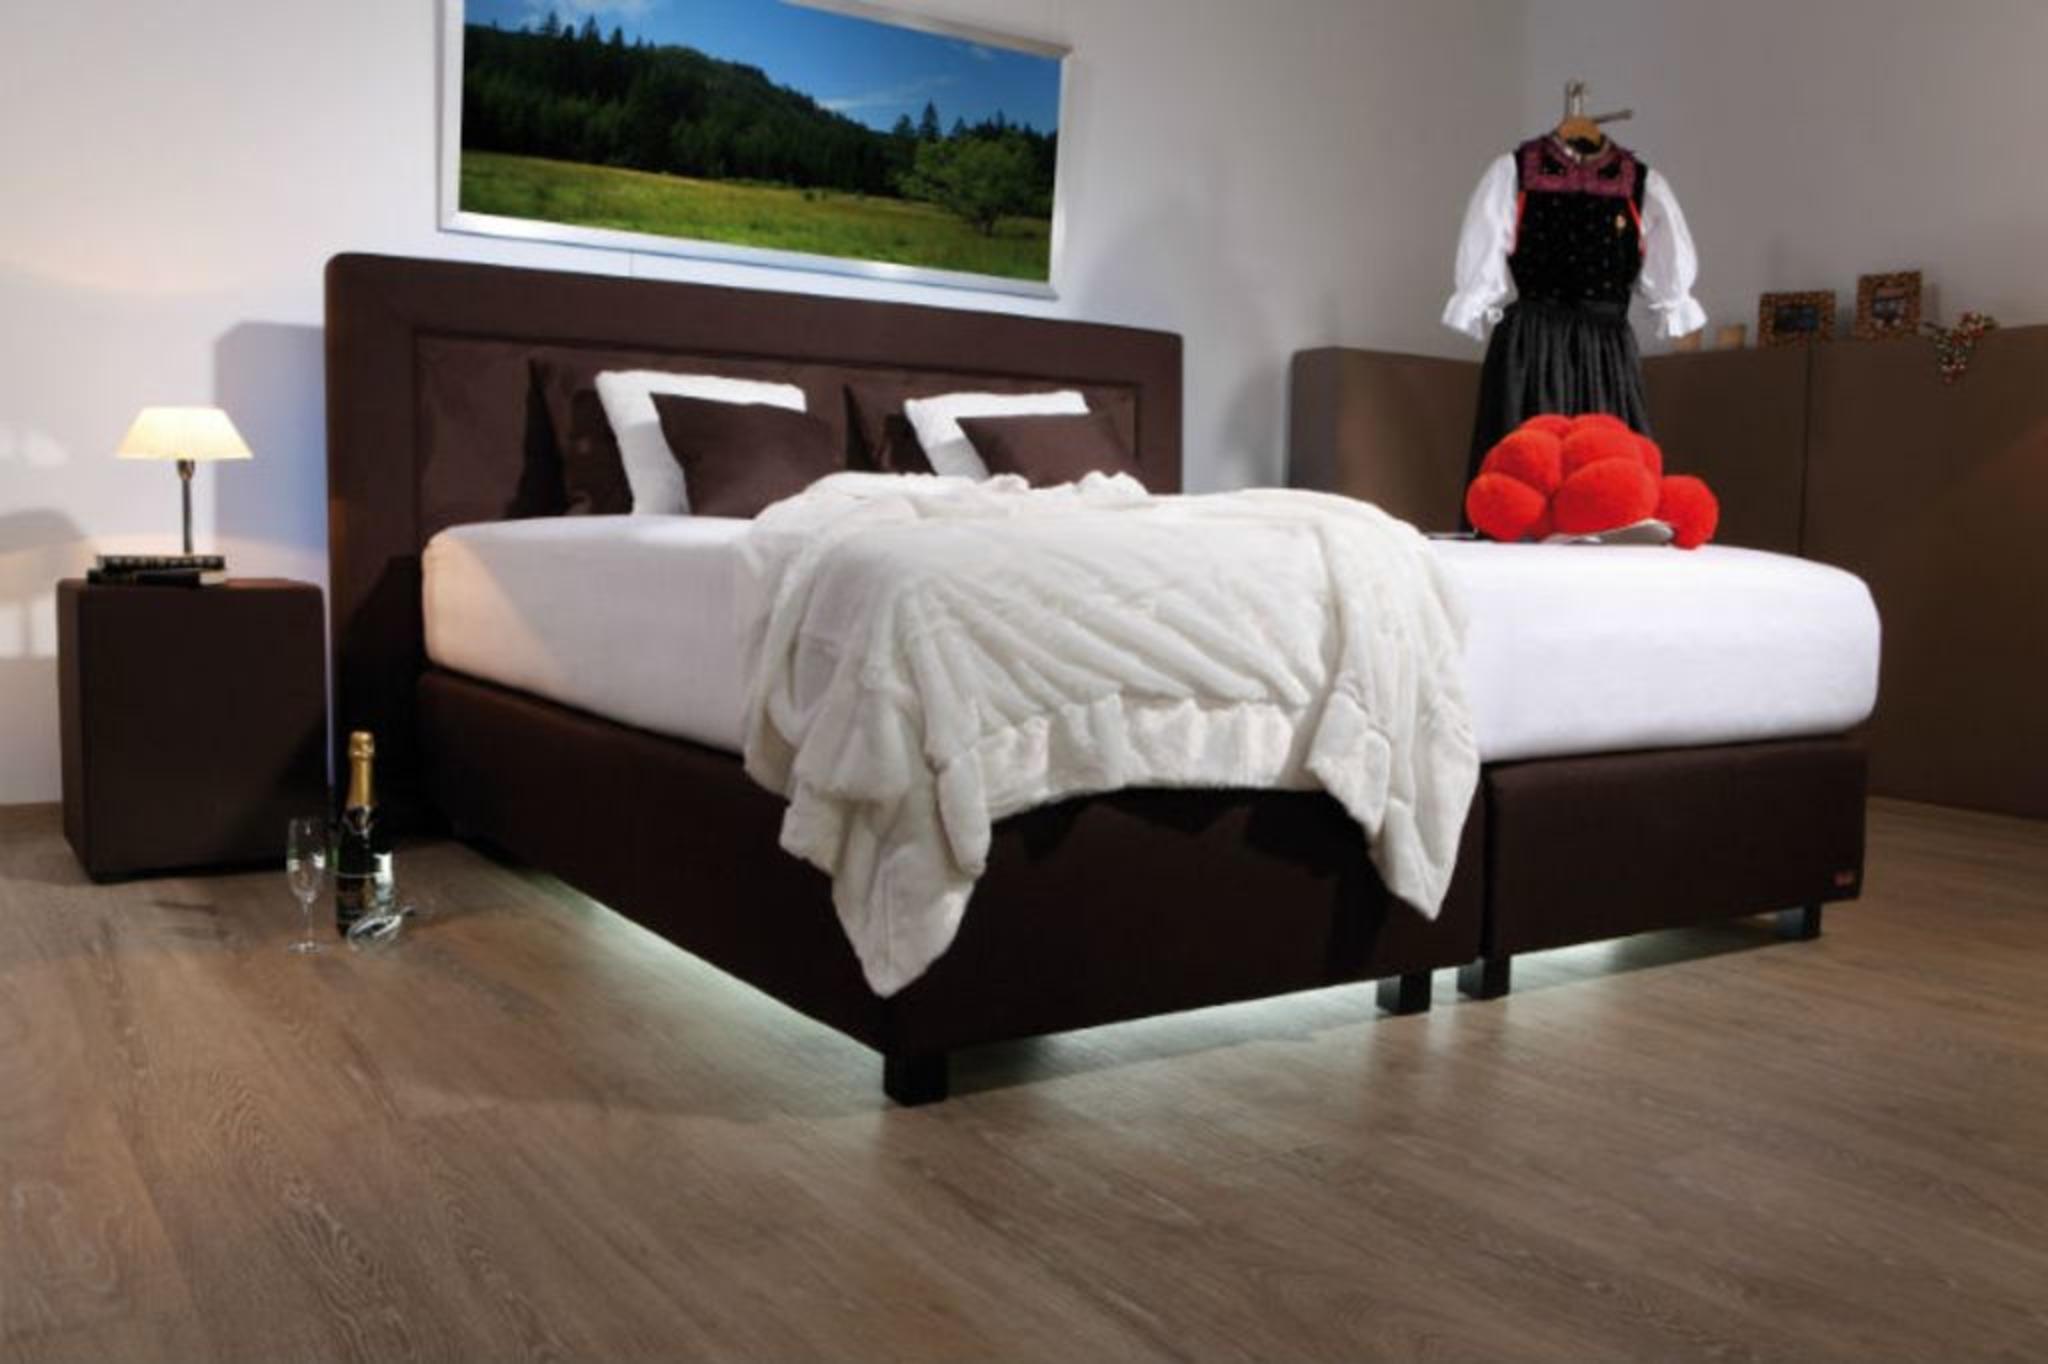 Schwarzwald Hn8 Schlafsysteme ~ Amazon hn schlafsysteme duo komfort zonen tonnen